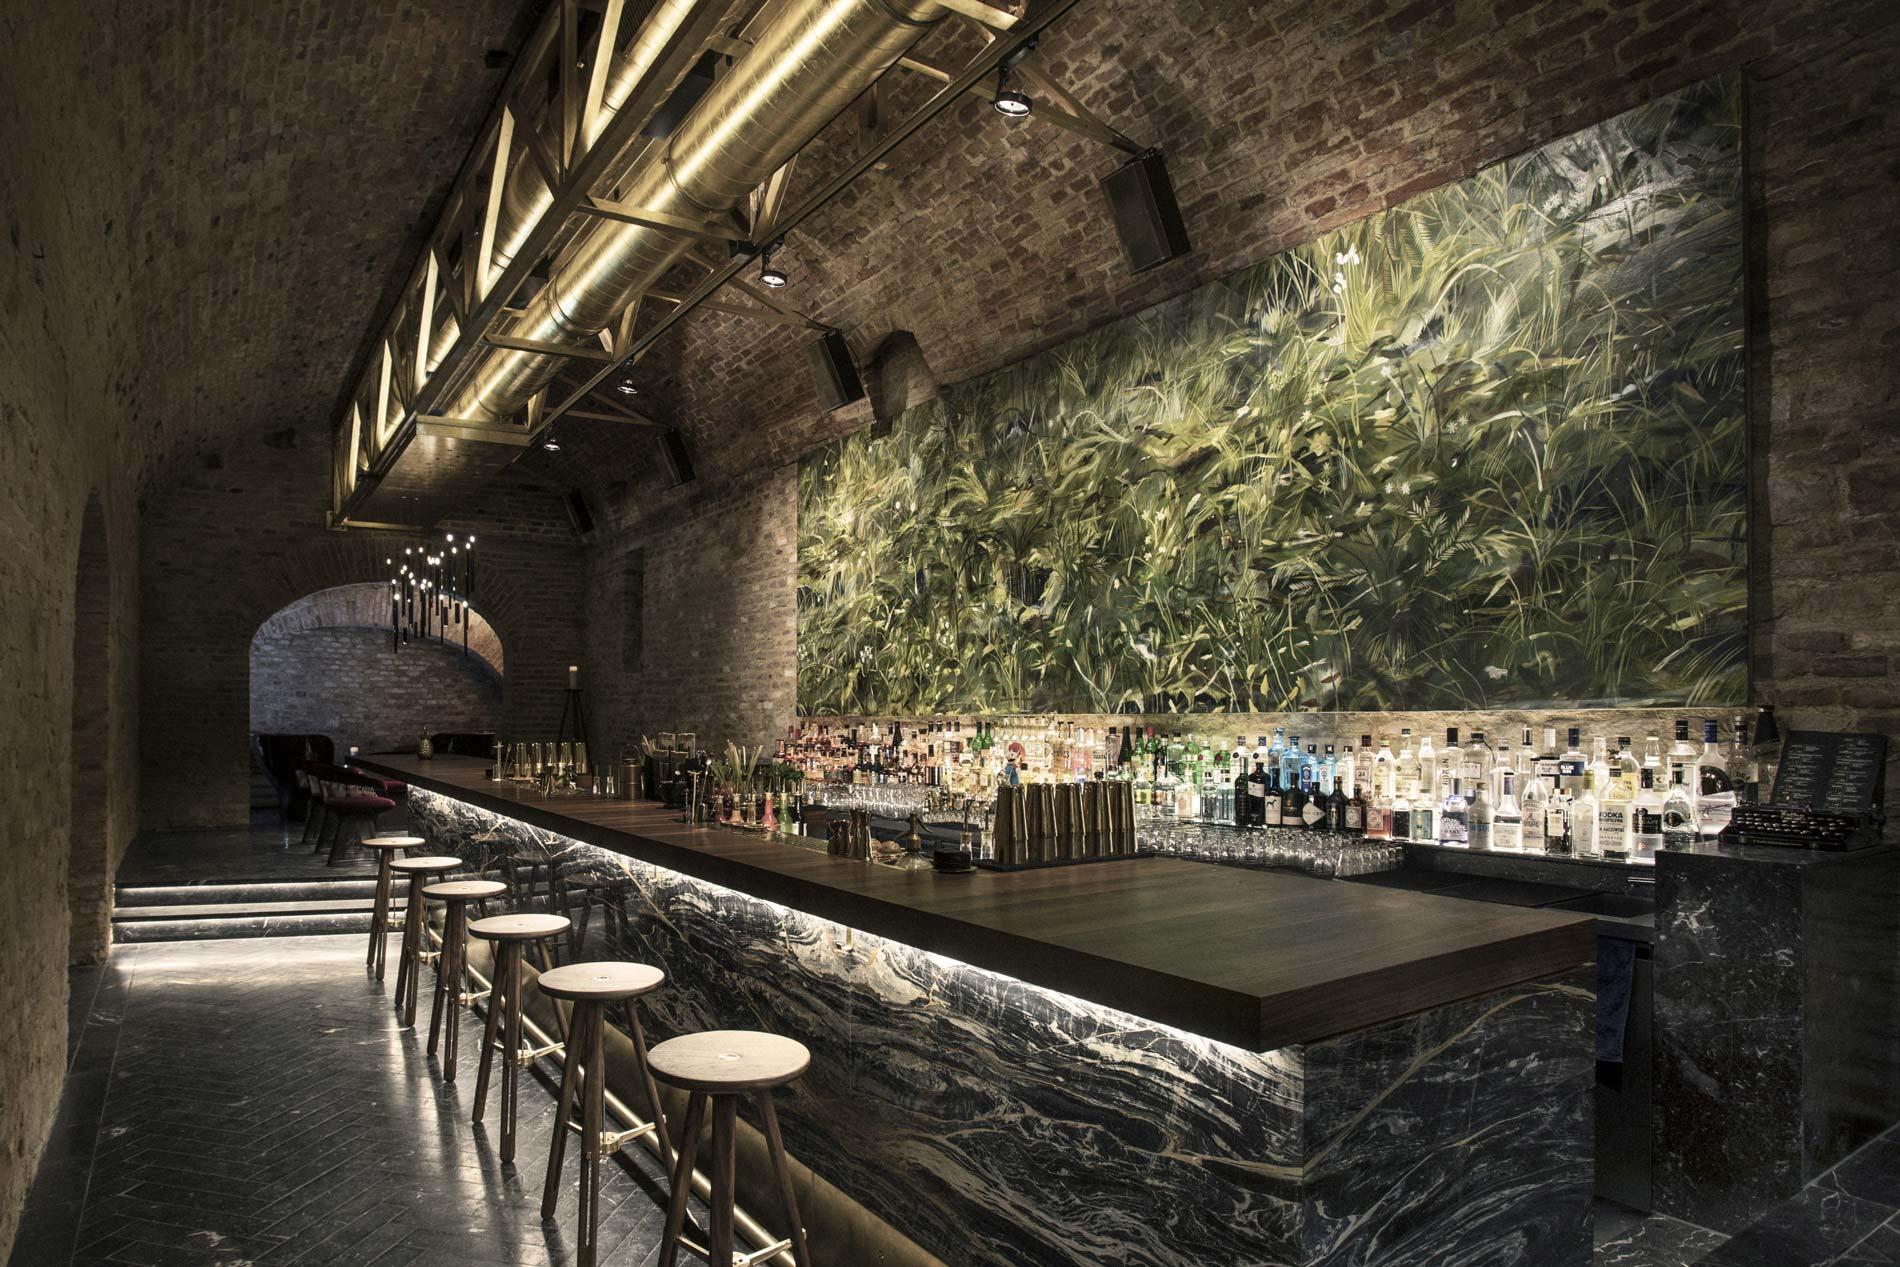 Krypt Bar Wien | Mixology Bar Guide